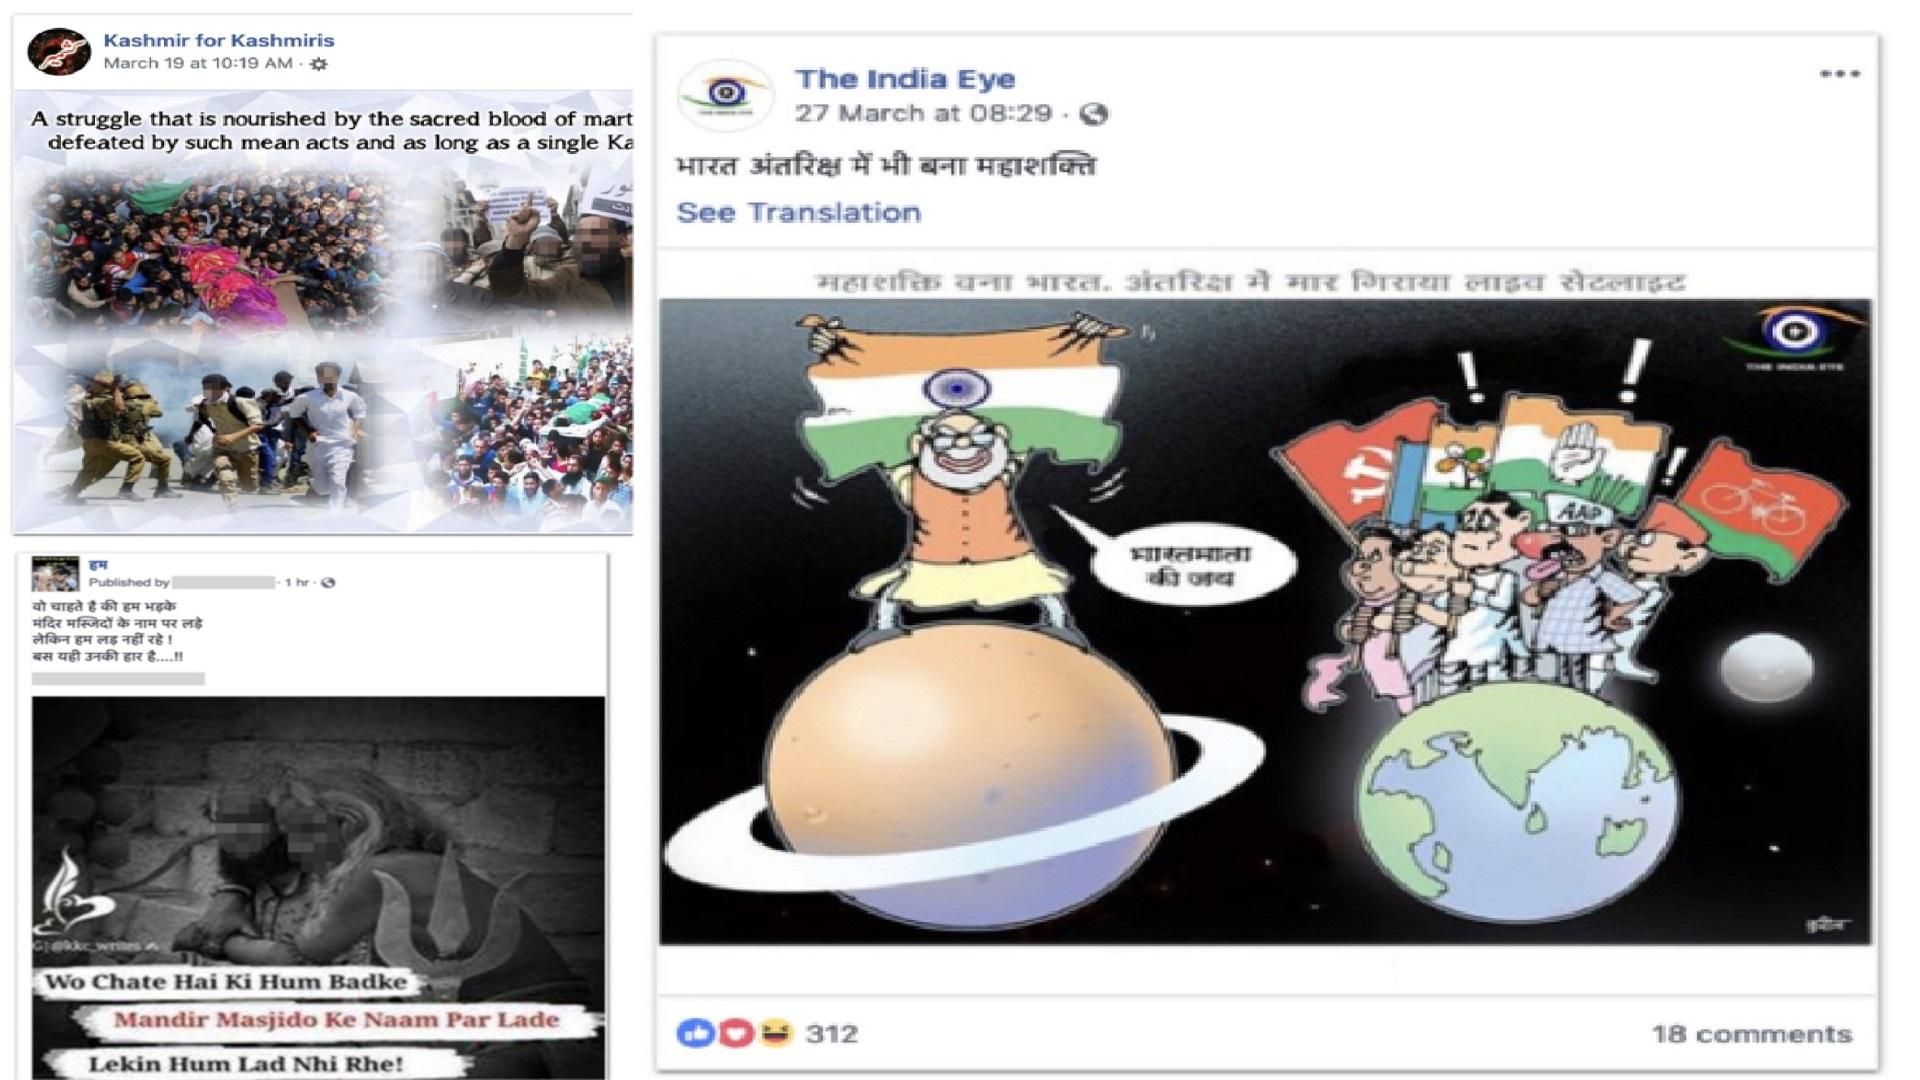 Publicaciones hechas por páginas irregulares. Foto de Facebook